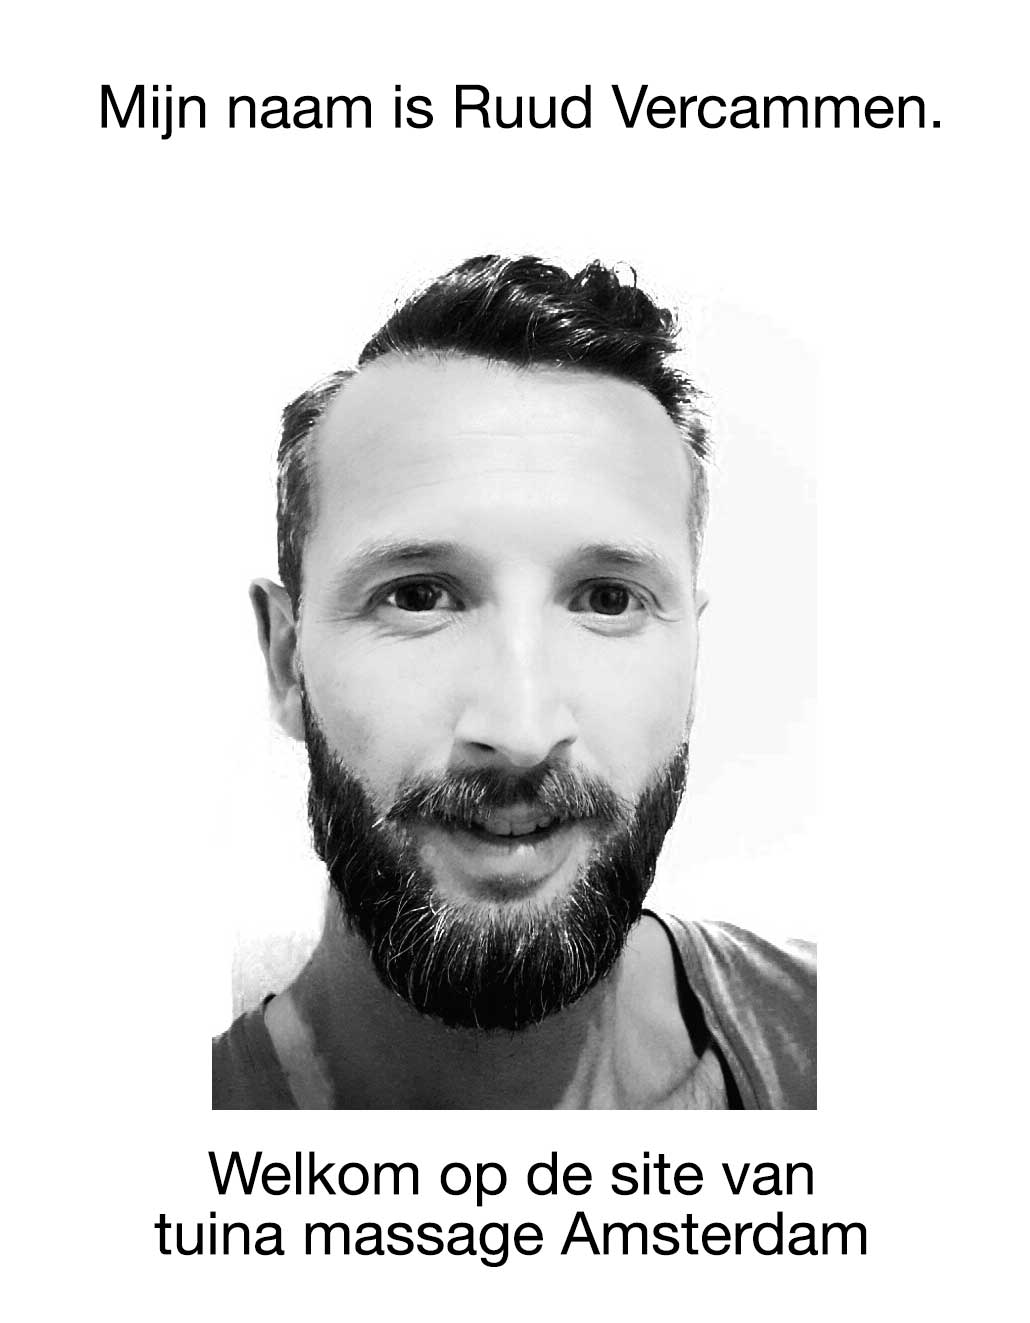 Mijn naam is Ruud Vercammen. Welkom op mijn site.